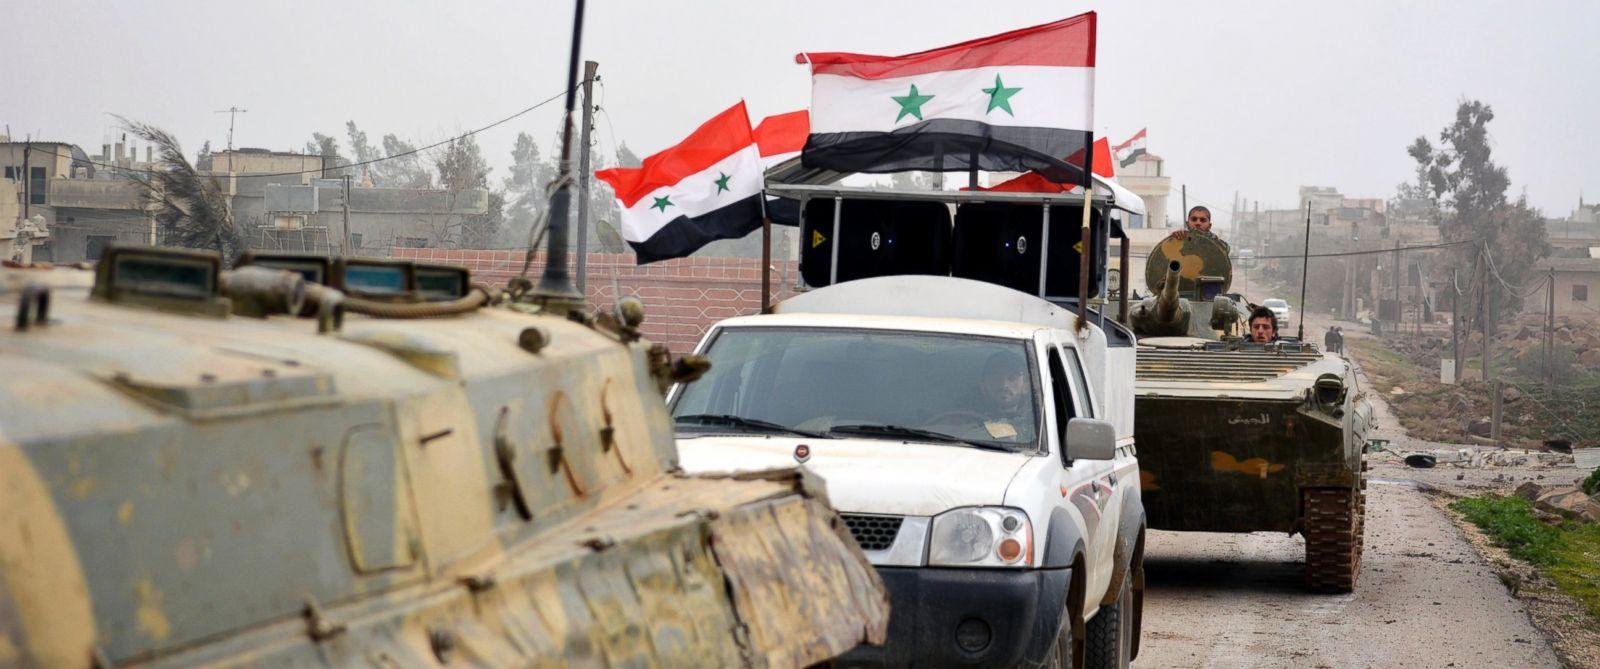 Photo of حميميم: الجيش السوري يسيطر على 8 بلدات بريفي حلب وحمص